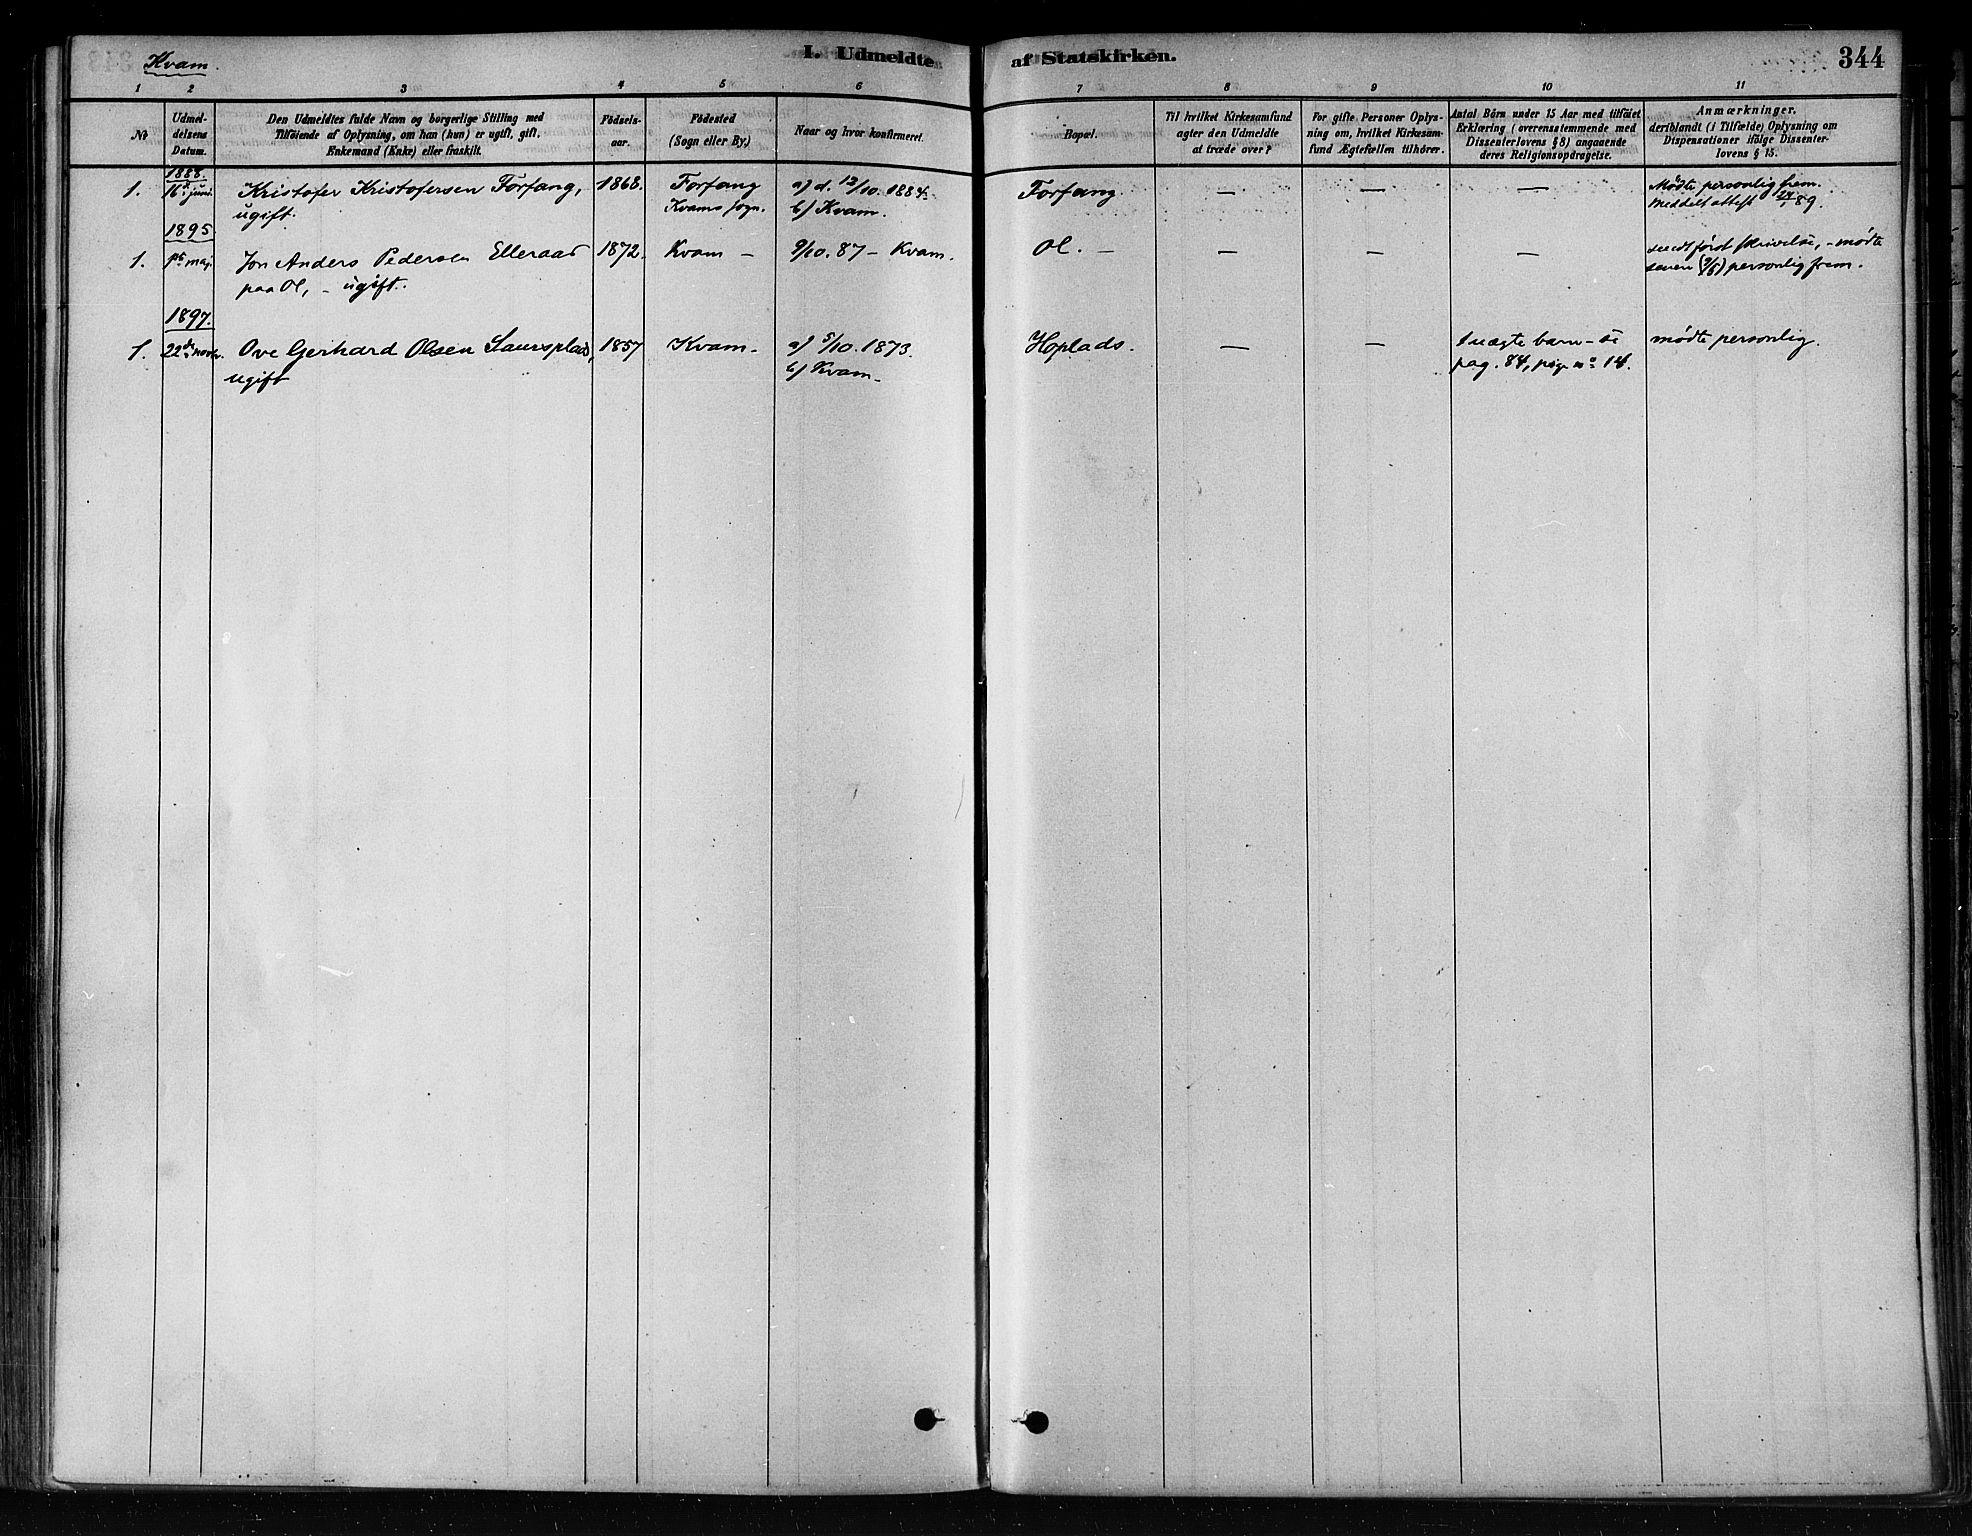 SAT, Ministerialprotokoller, klokkerbøker og fødselsregistre - Nord-Trøndelag, 746/L0449: Ministerialbok nr. 746A07 /2, 1878-1899, s. 344